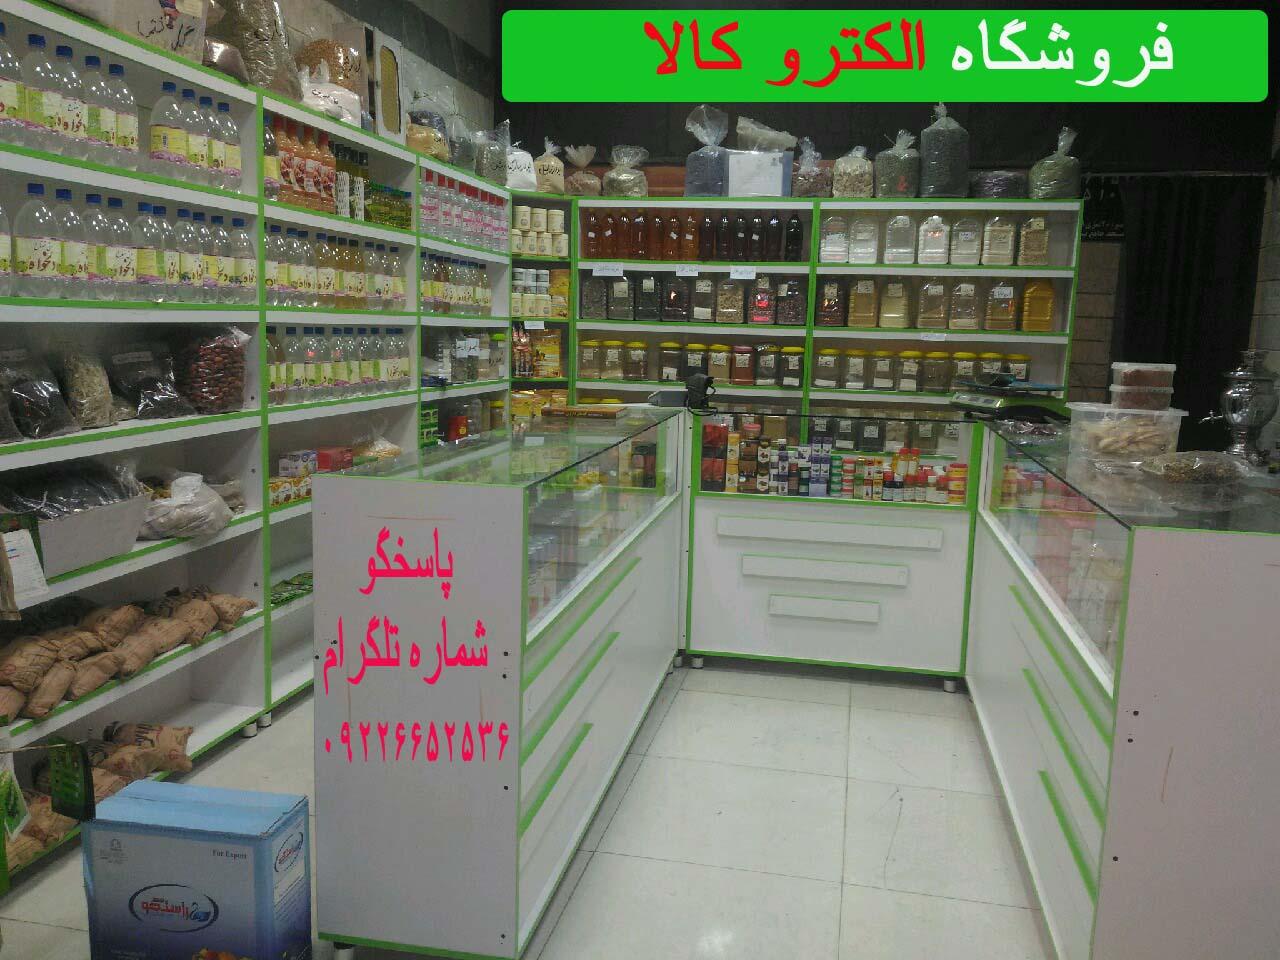 قوانین و ضوابط فروشگاه